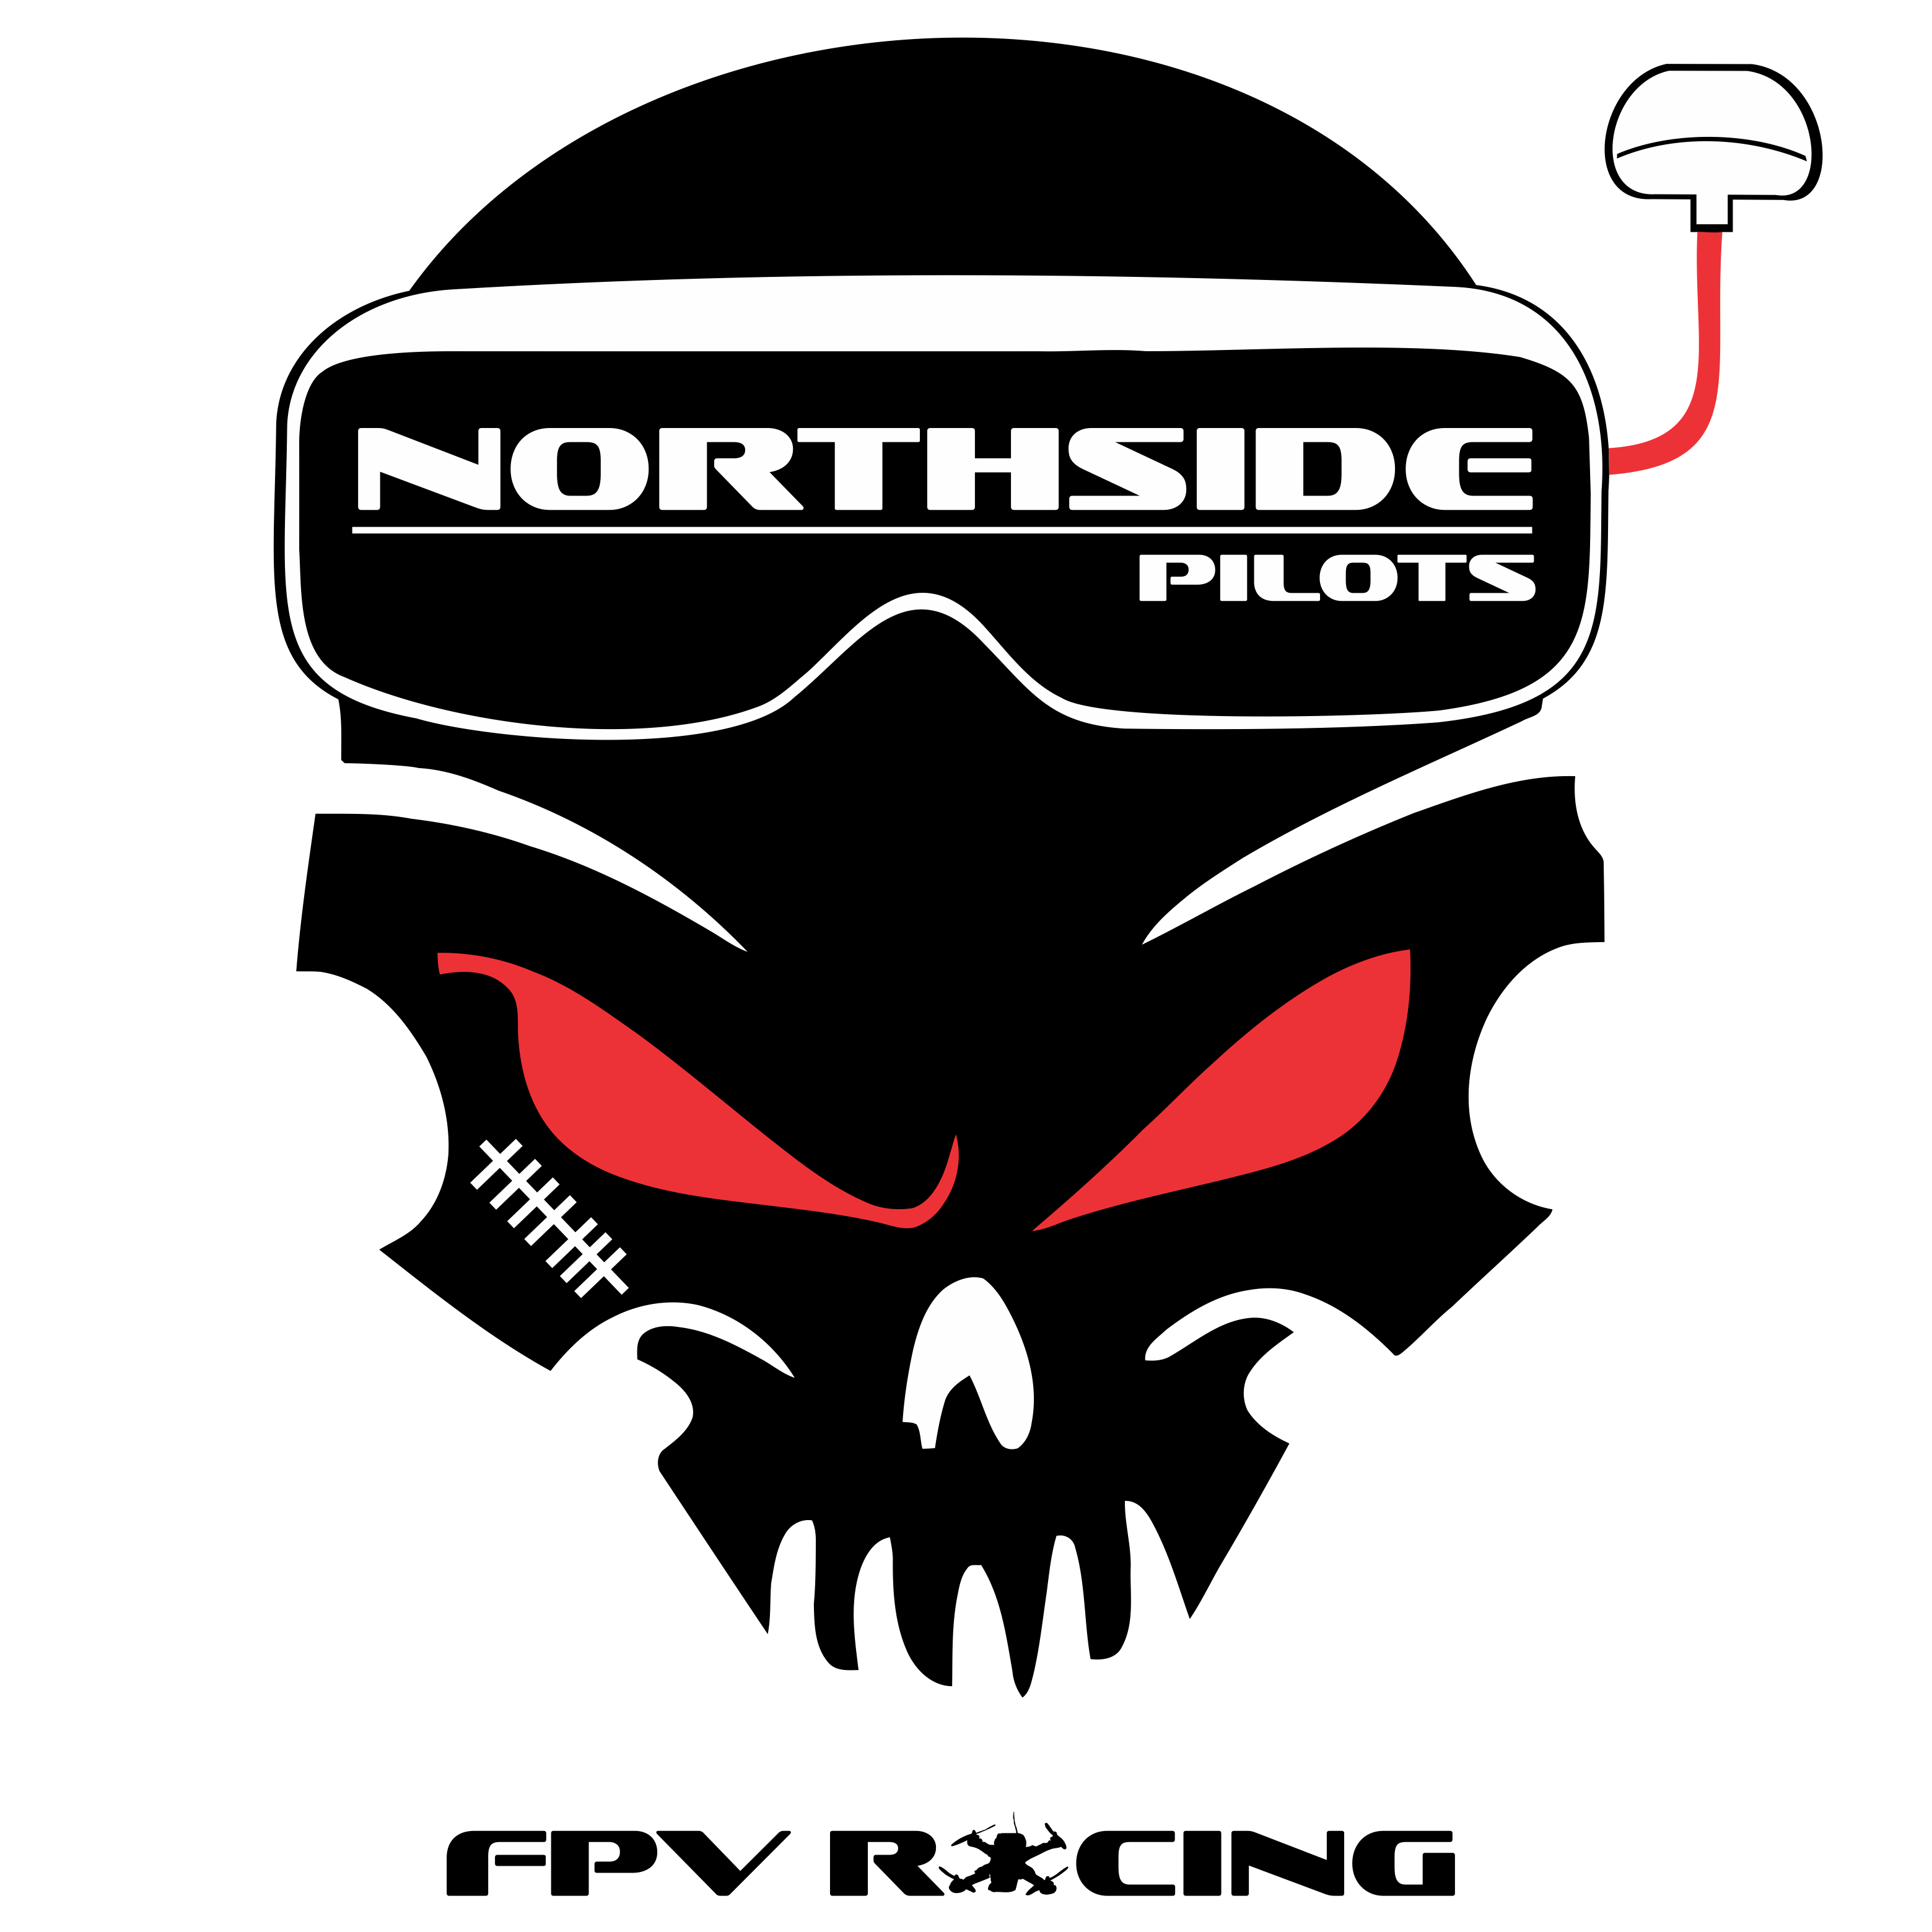 Multigp chapters northside pilots. Pilot clipart pilot wheel